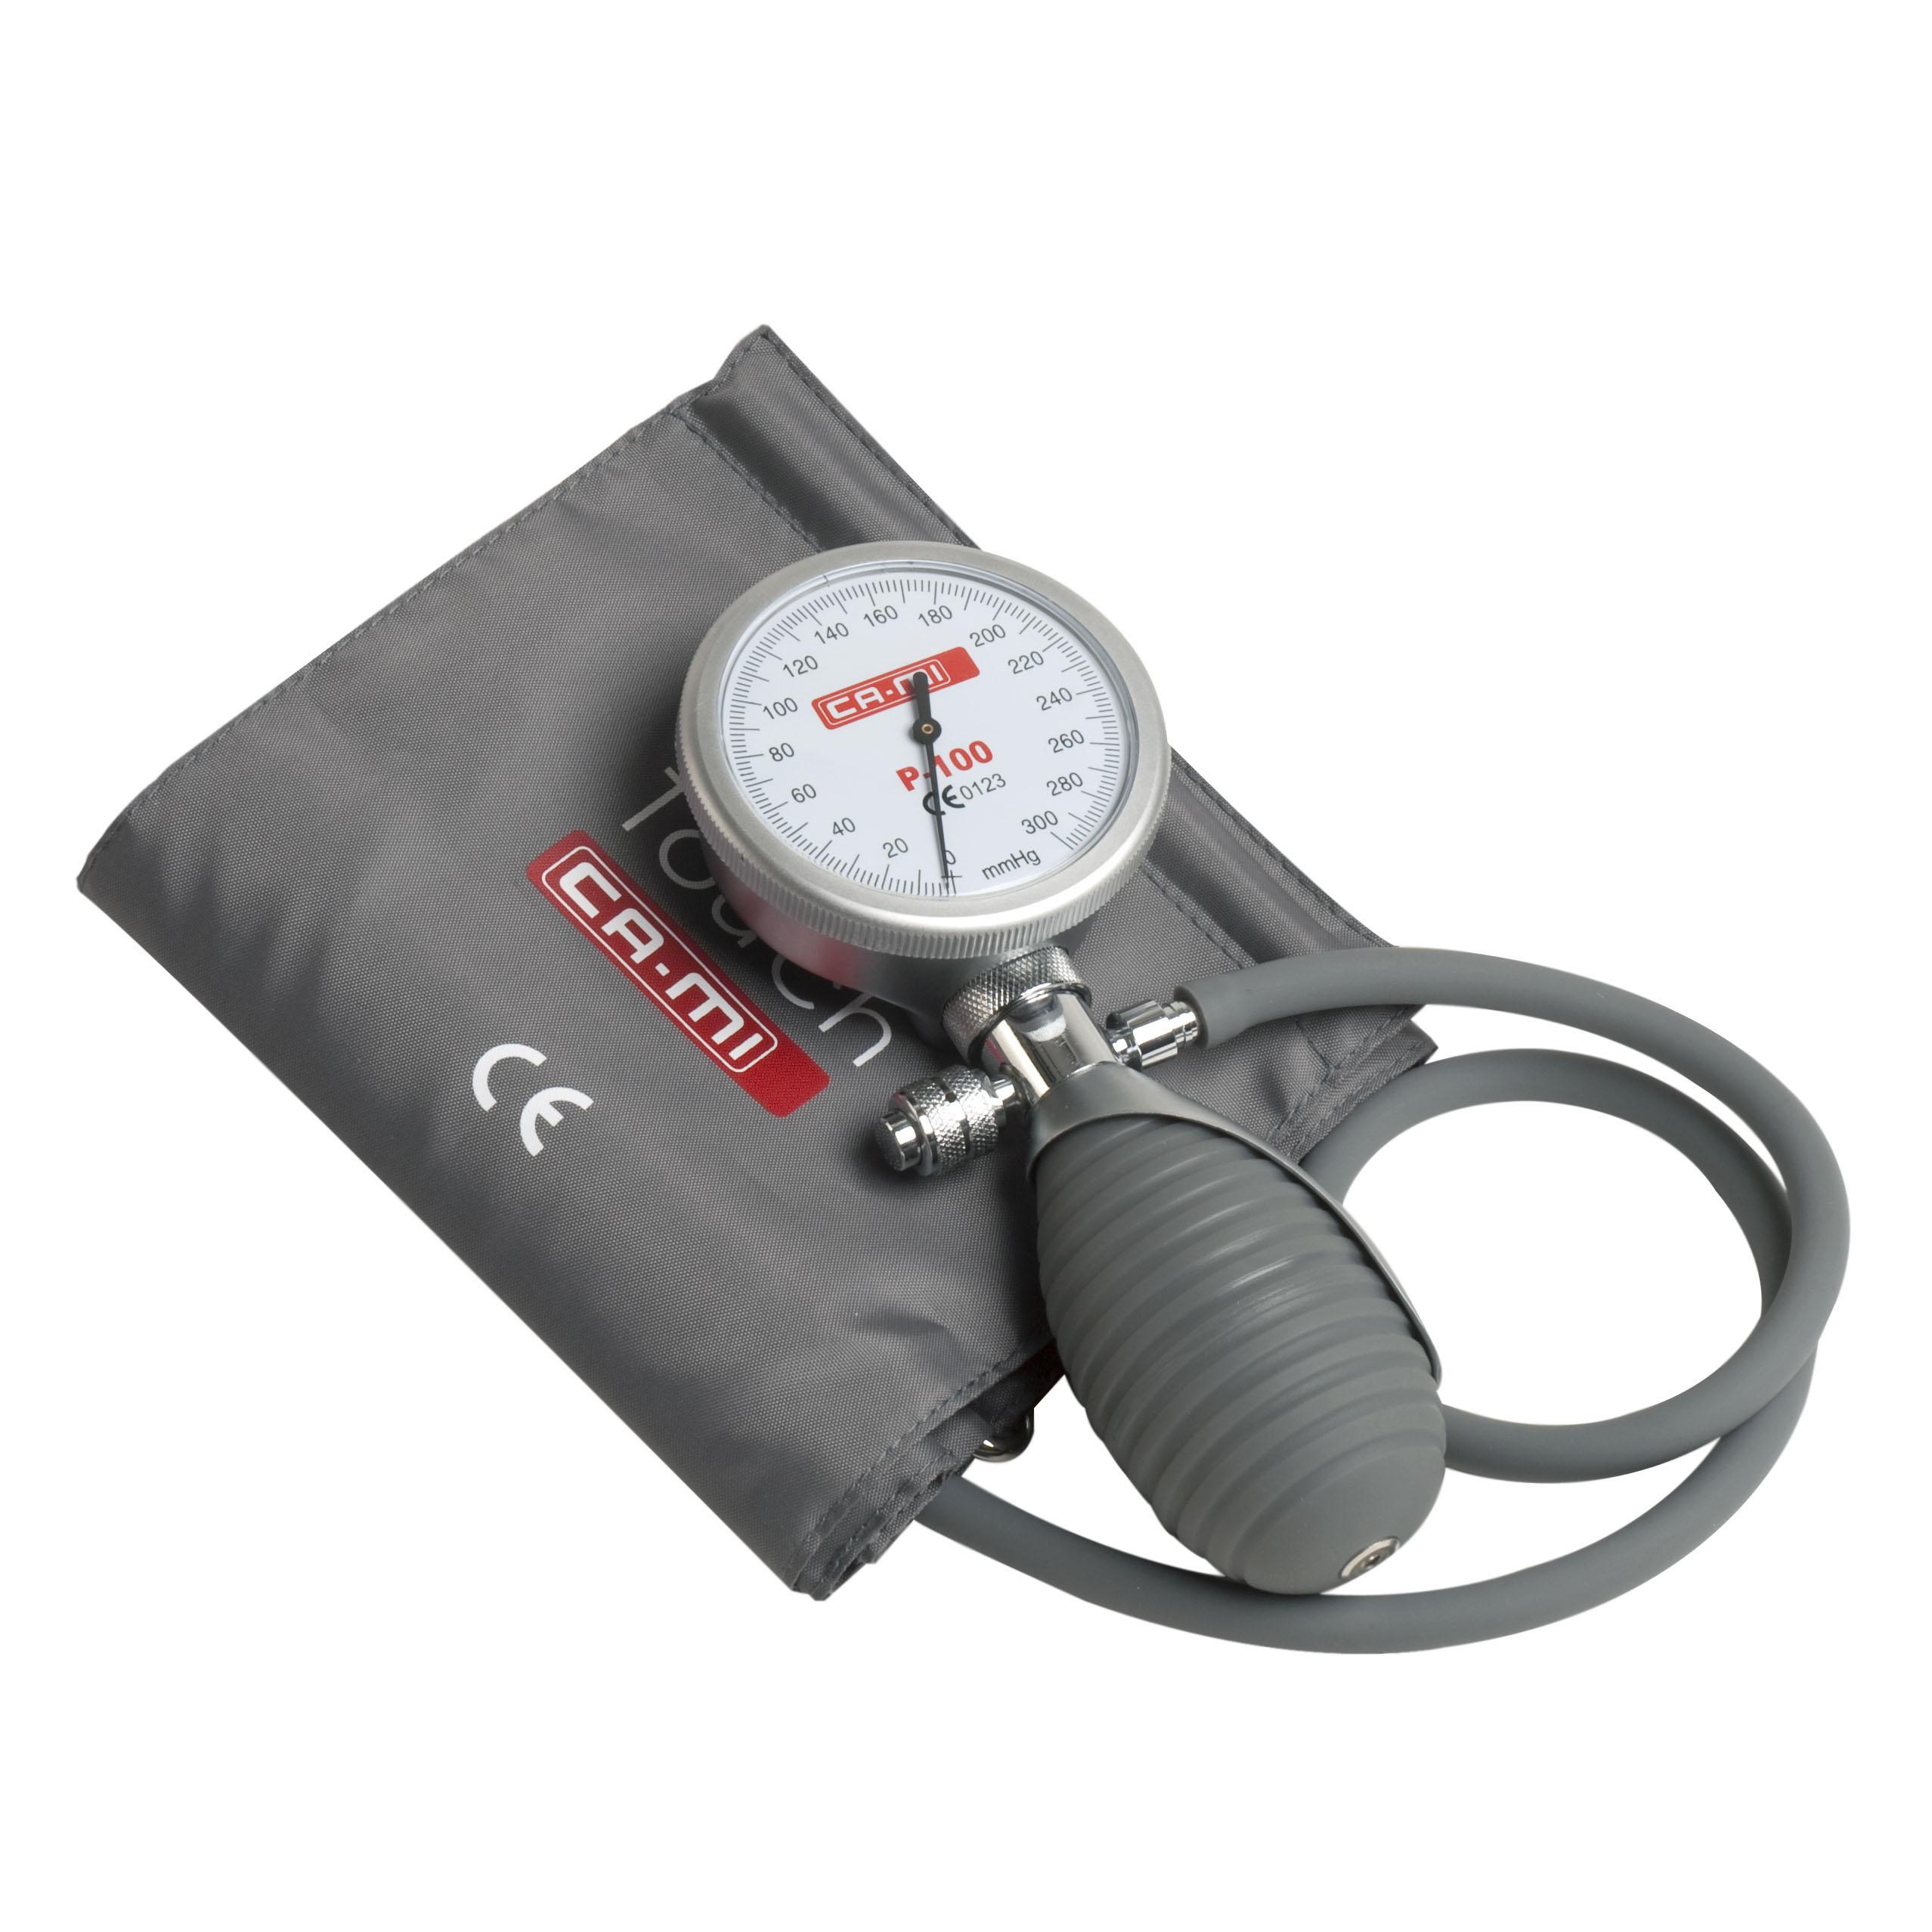 Ca mi A 50 Sfigmomanometro Aneroidi Misuratore di Pressione di Pressione Manuale